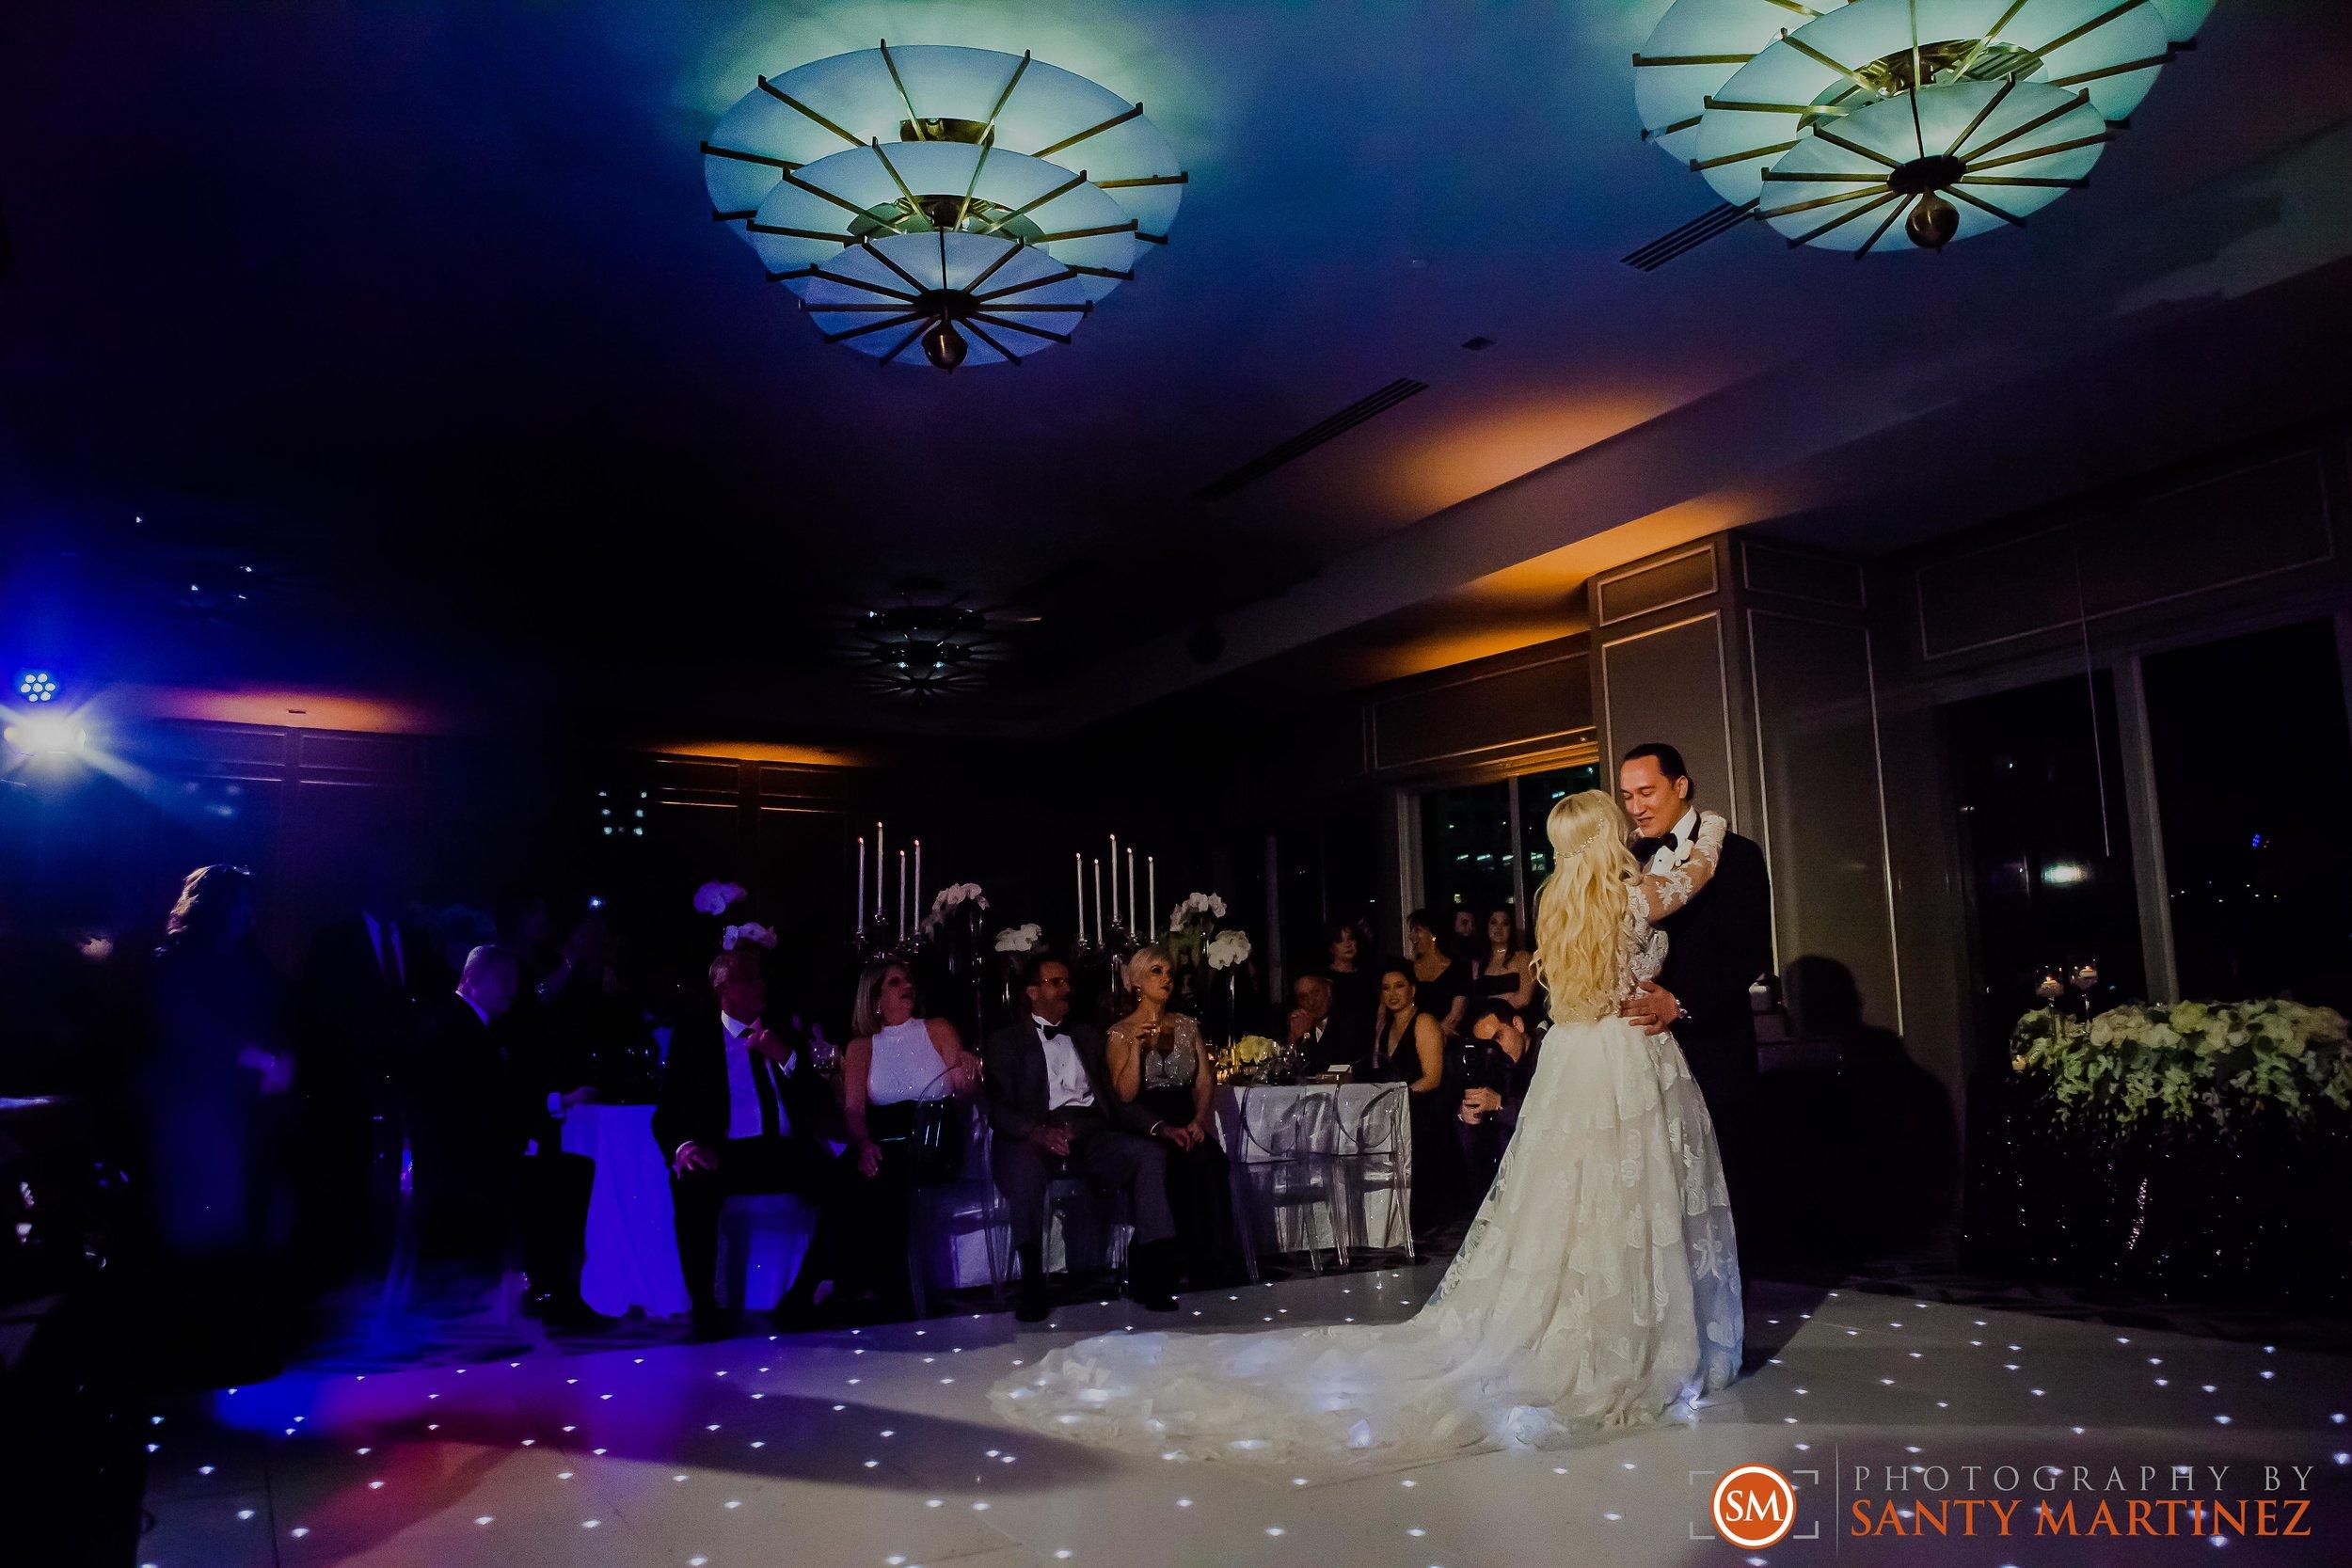 Wedding - W Hotel - St Patrick Miami Beach - Santy Martinez Photography-38.jpg